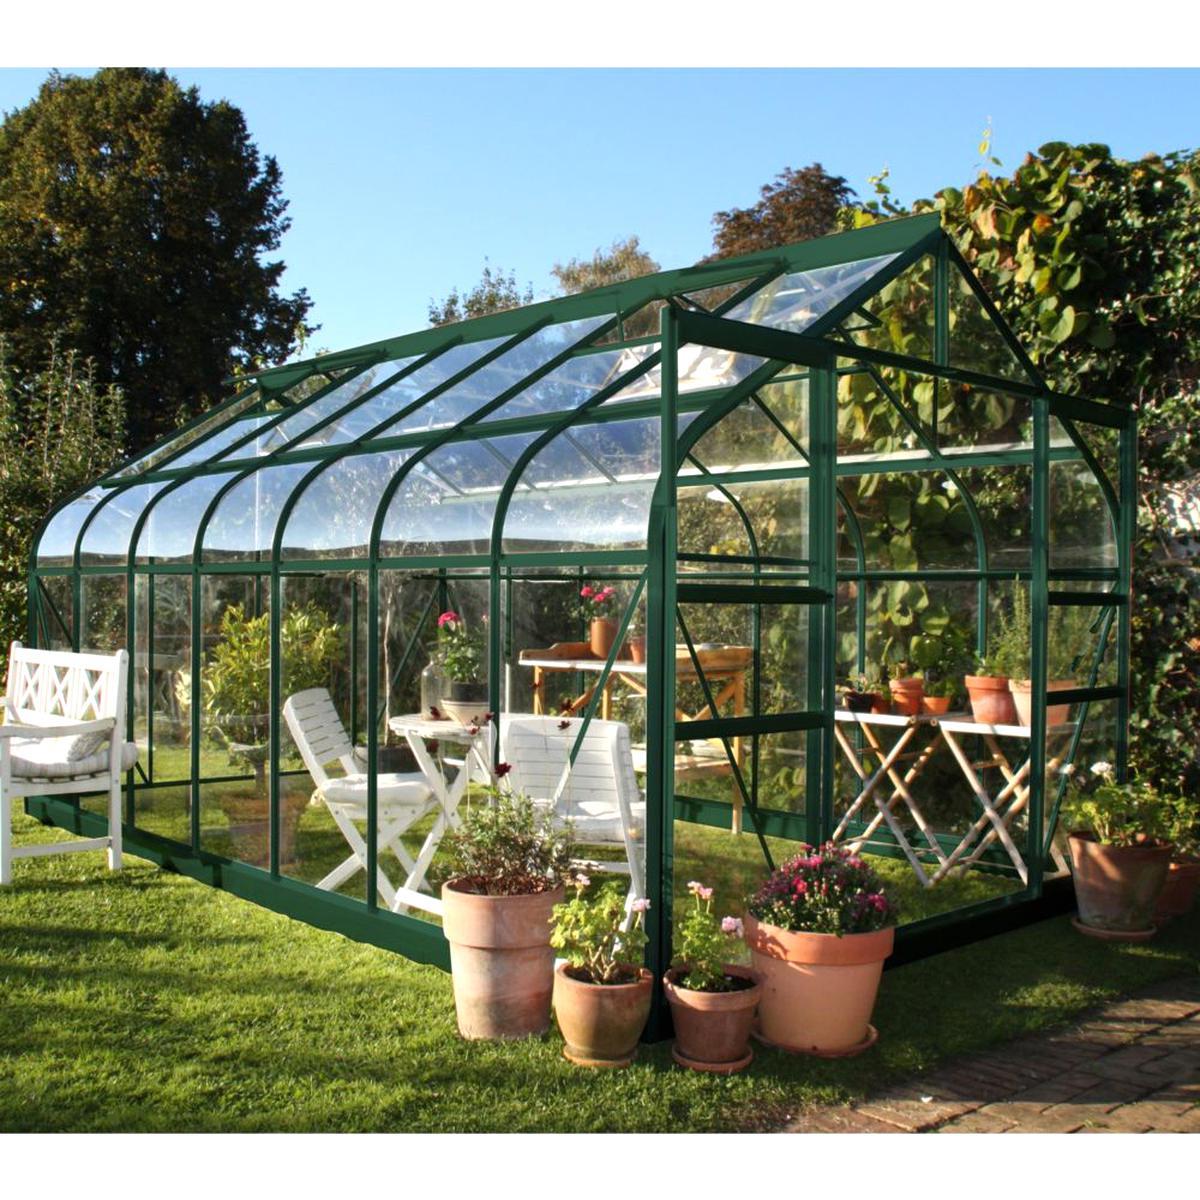 Serre Jardin D'occasion | Plus Que 2 À -65% tout Solde Serre De Jardin